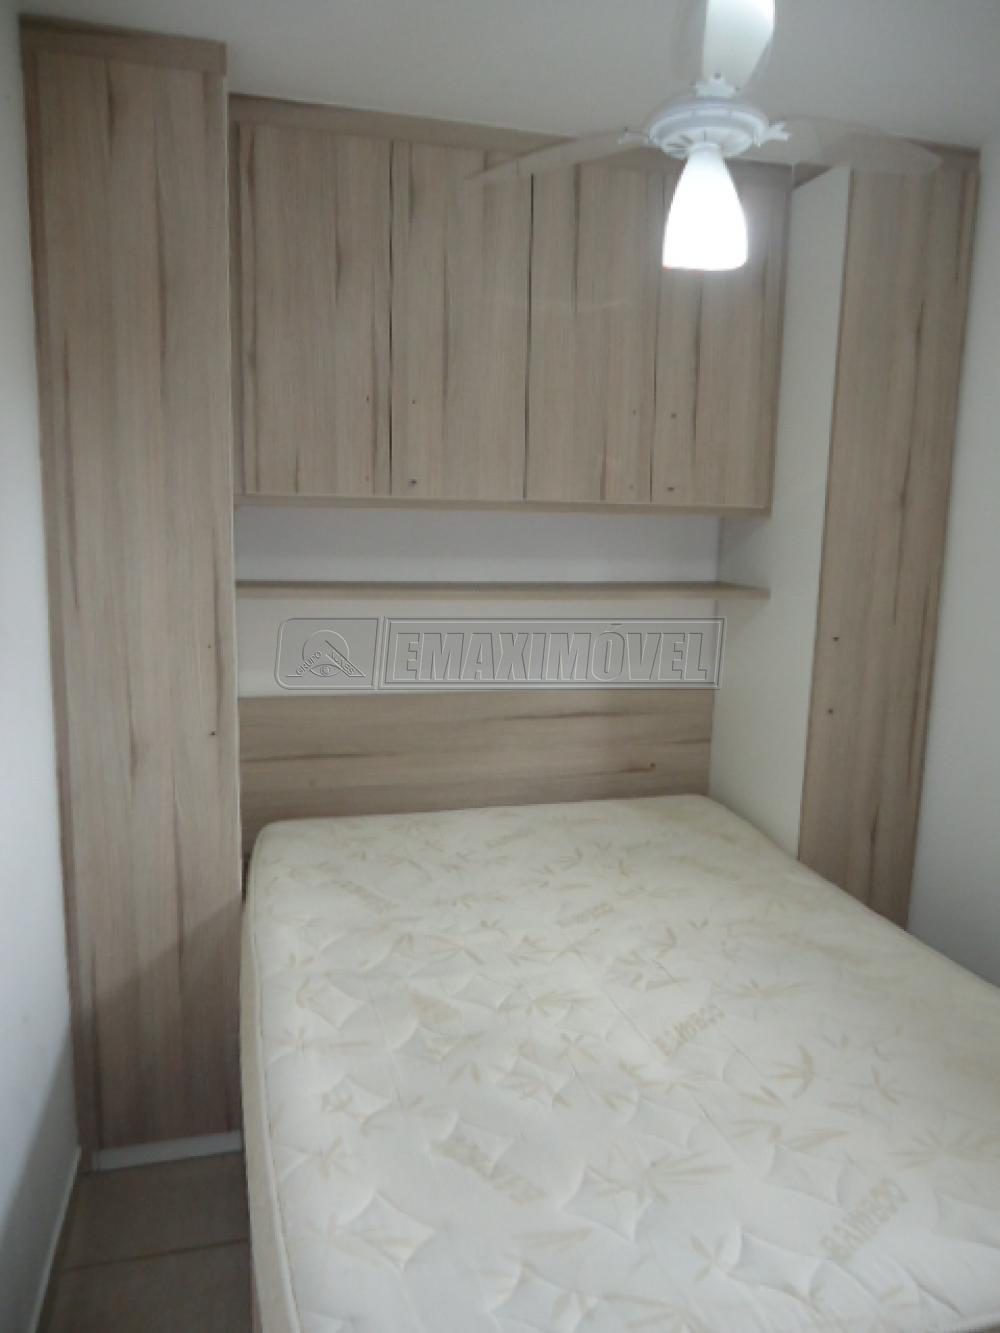 Alugar Apartamentos / Apto Padrão em Sorocaba apenas R$ 1.000,00 - Foto 13